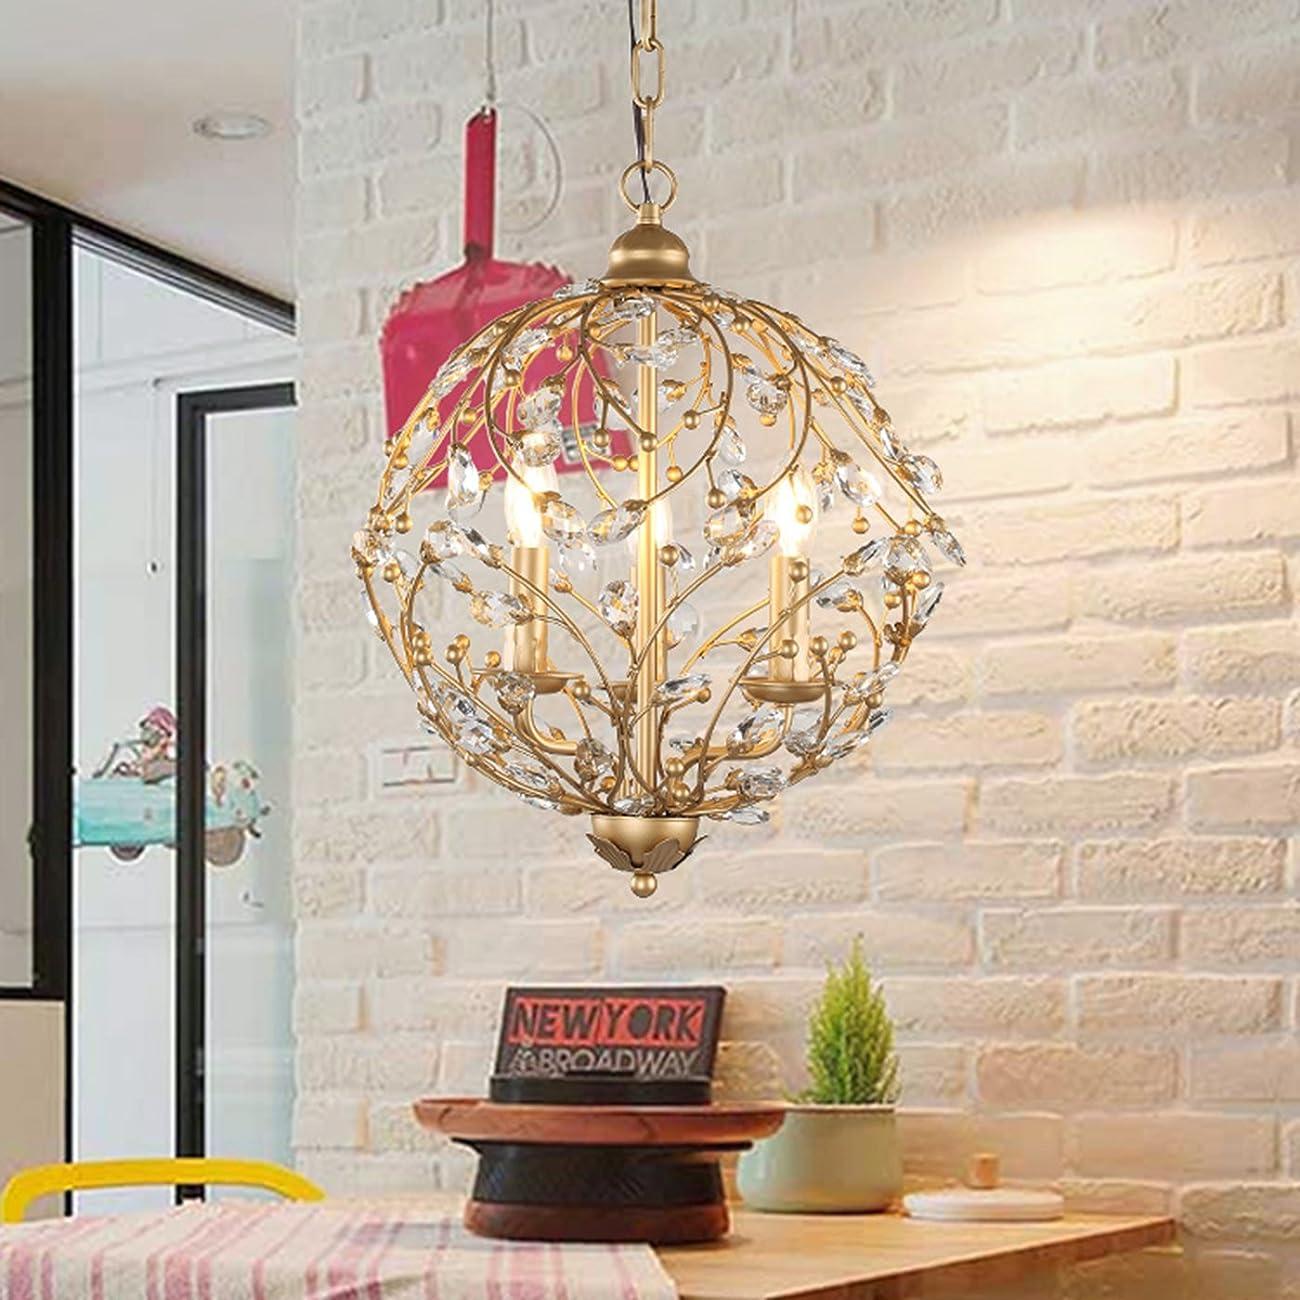 Garwarm Vintage Chandelier 3 lights Antique Pendant light Home Ceiling Light Fixtures Chandeliers Lighting,Golden 0